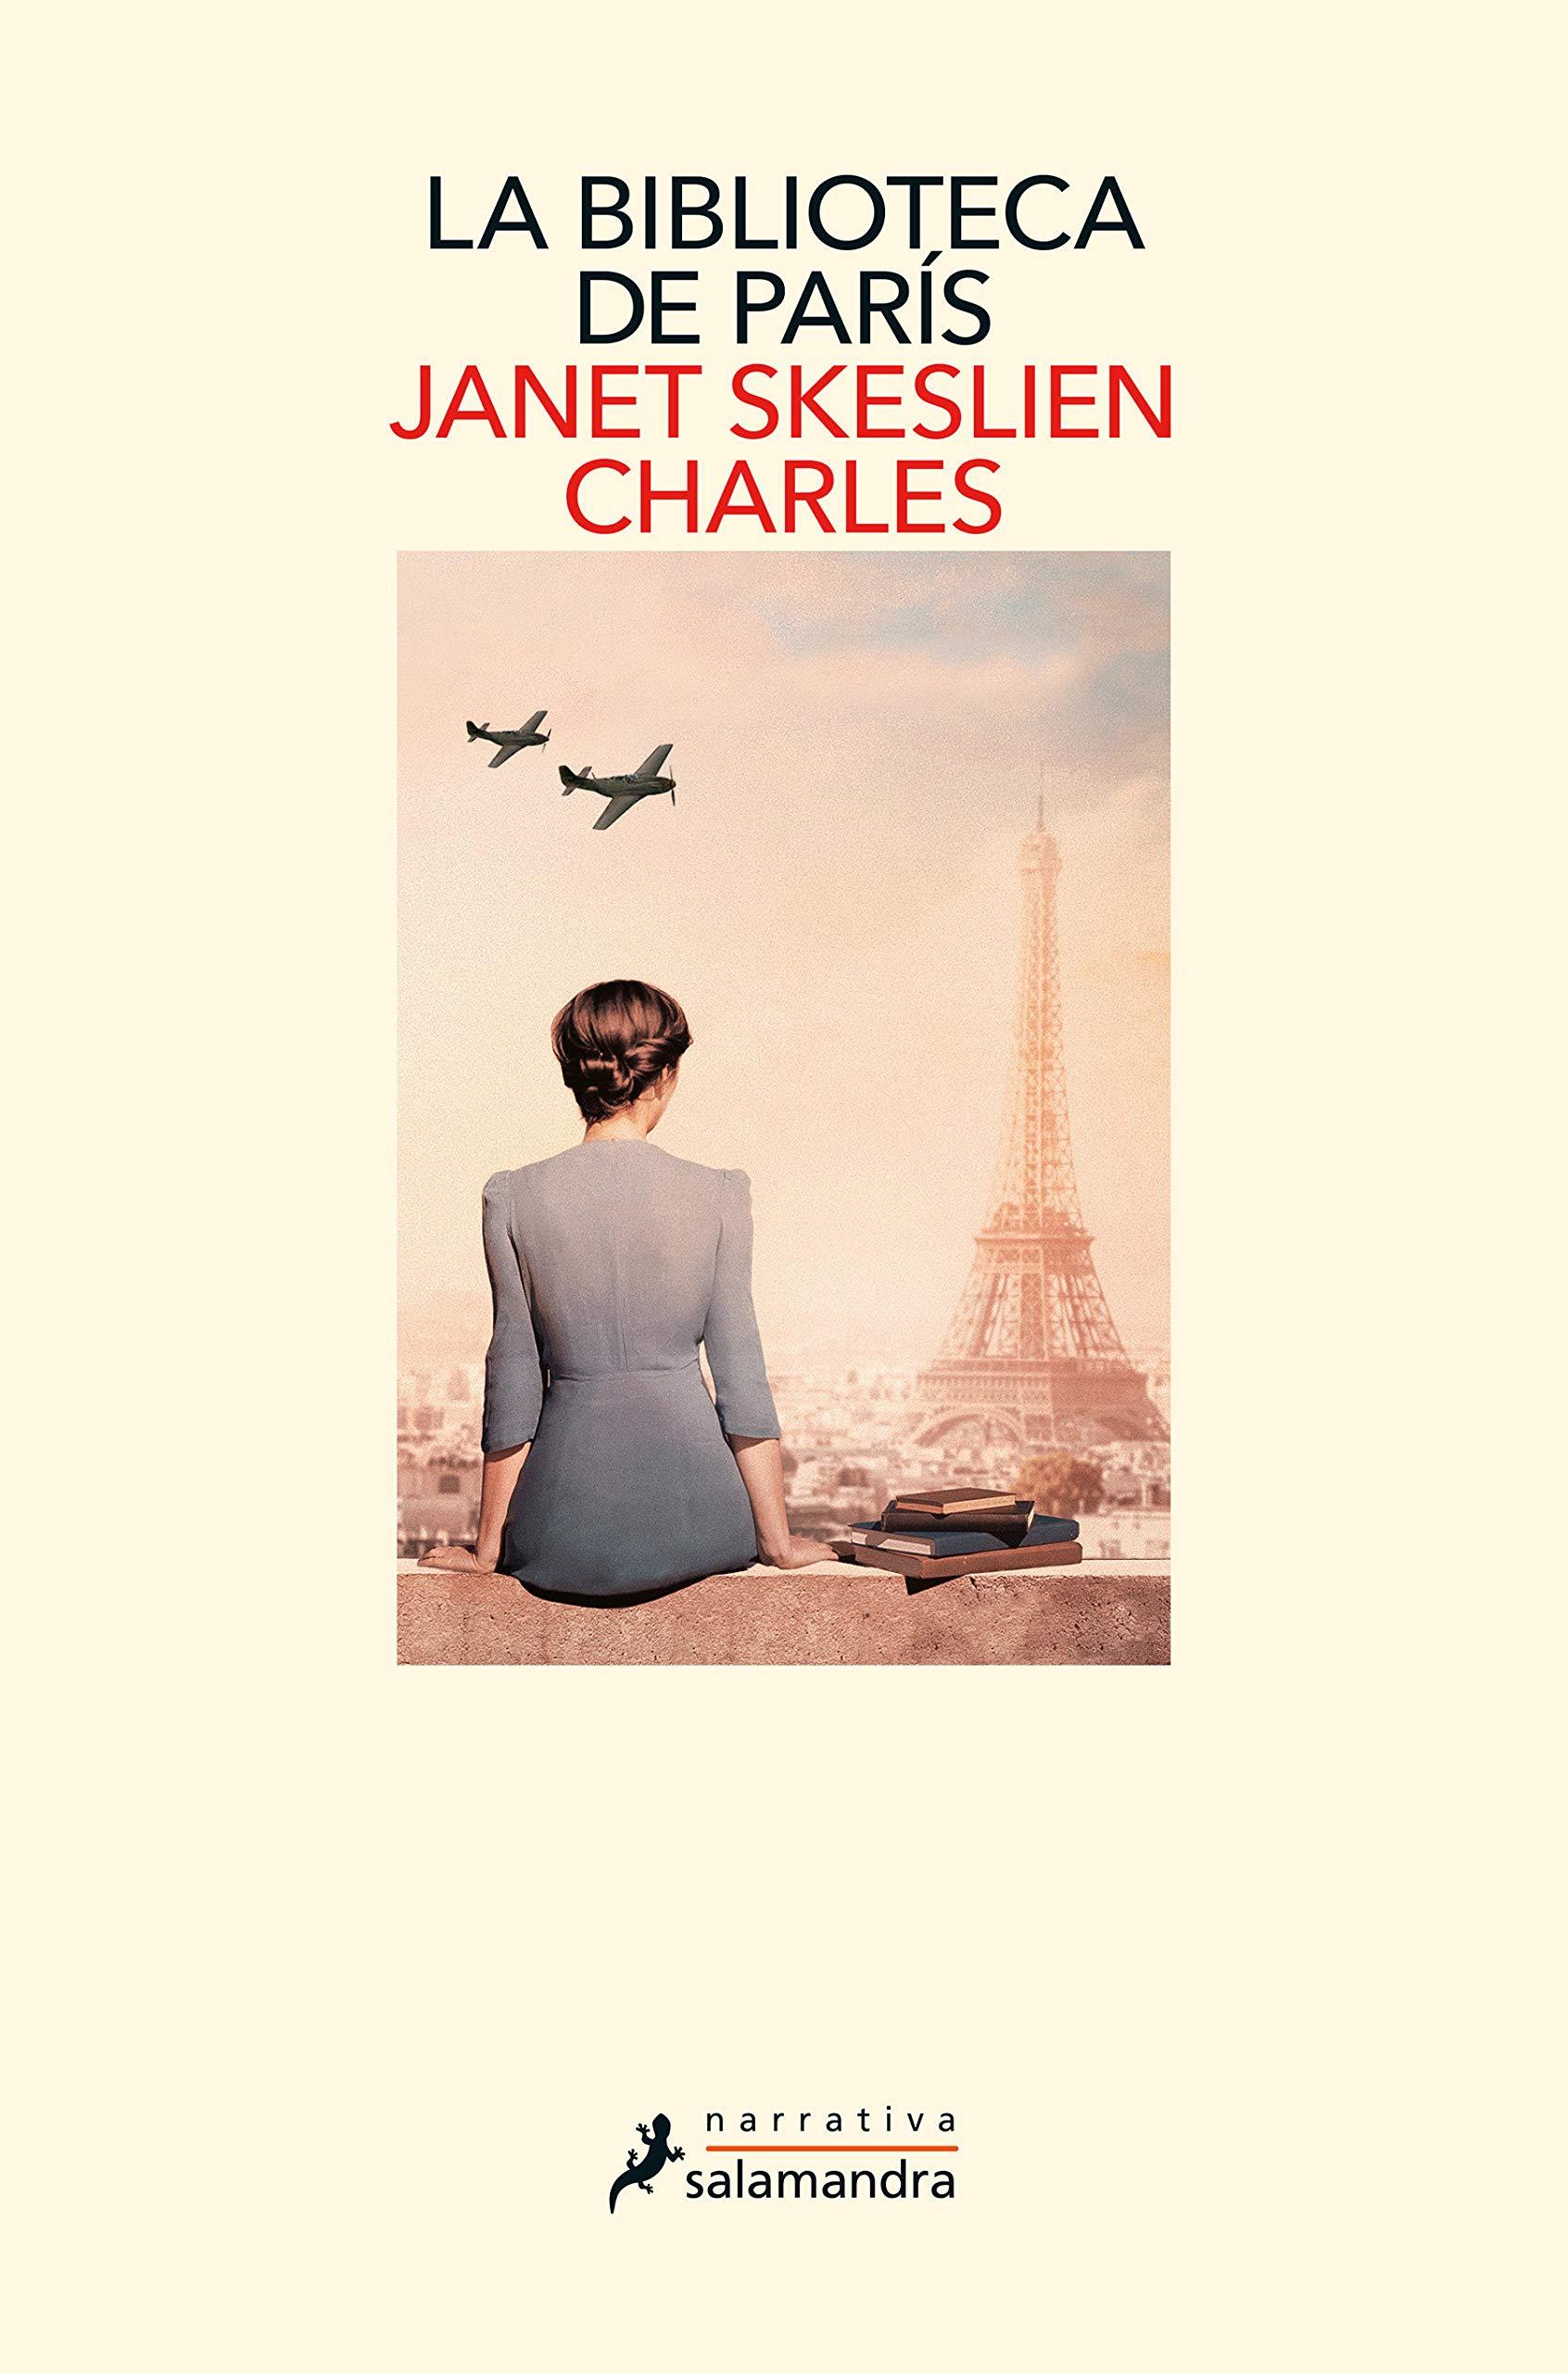 La biblioteca de París, de Janet Skeslien Charles - Libros sobre bibliotecas